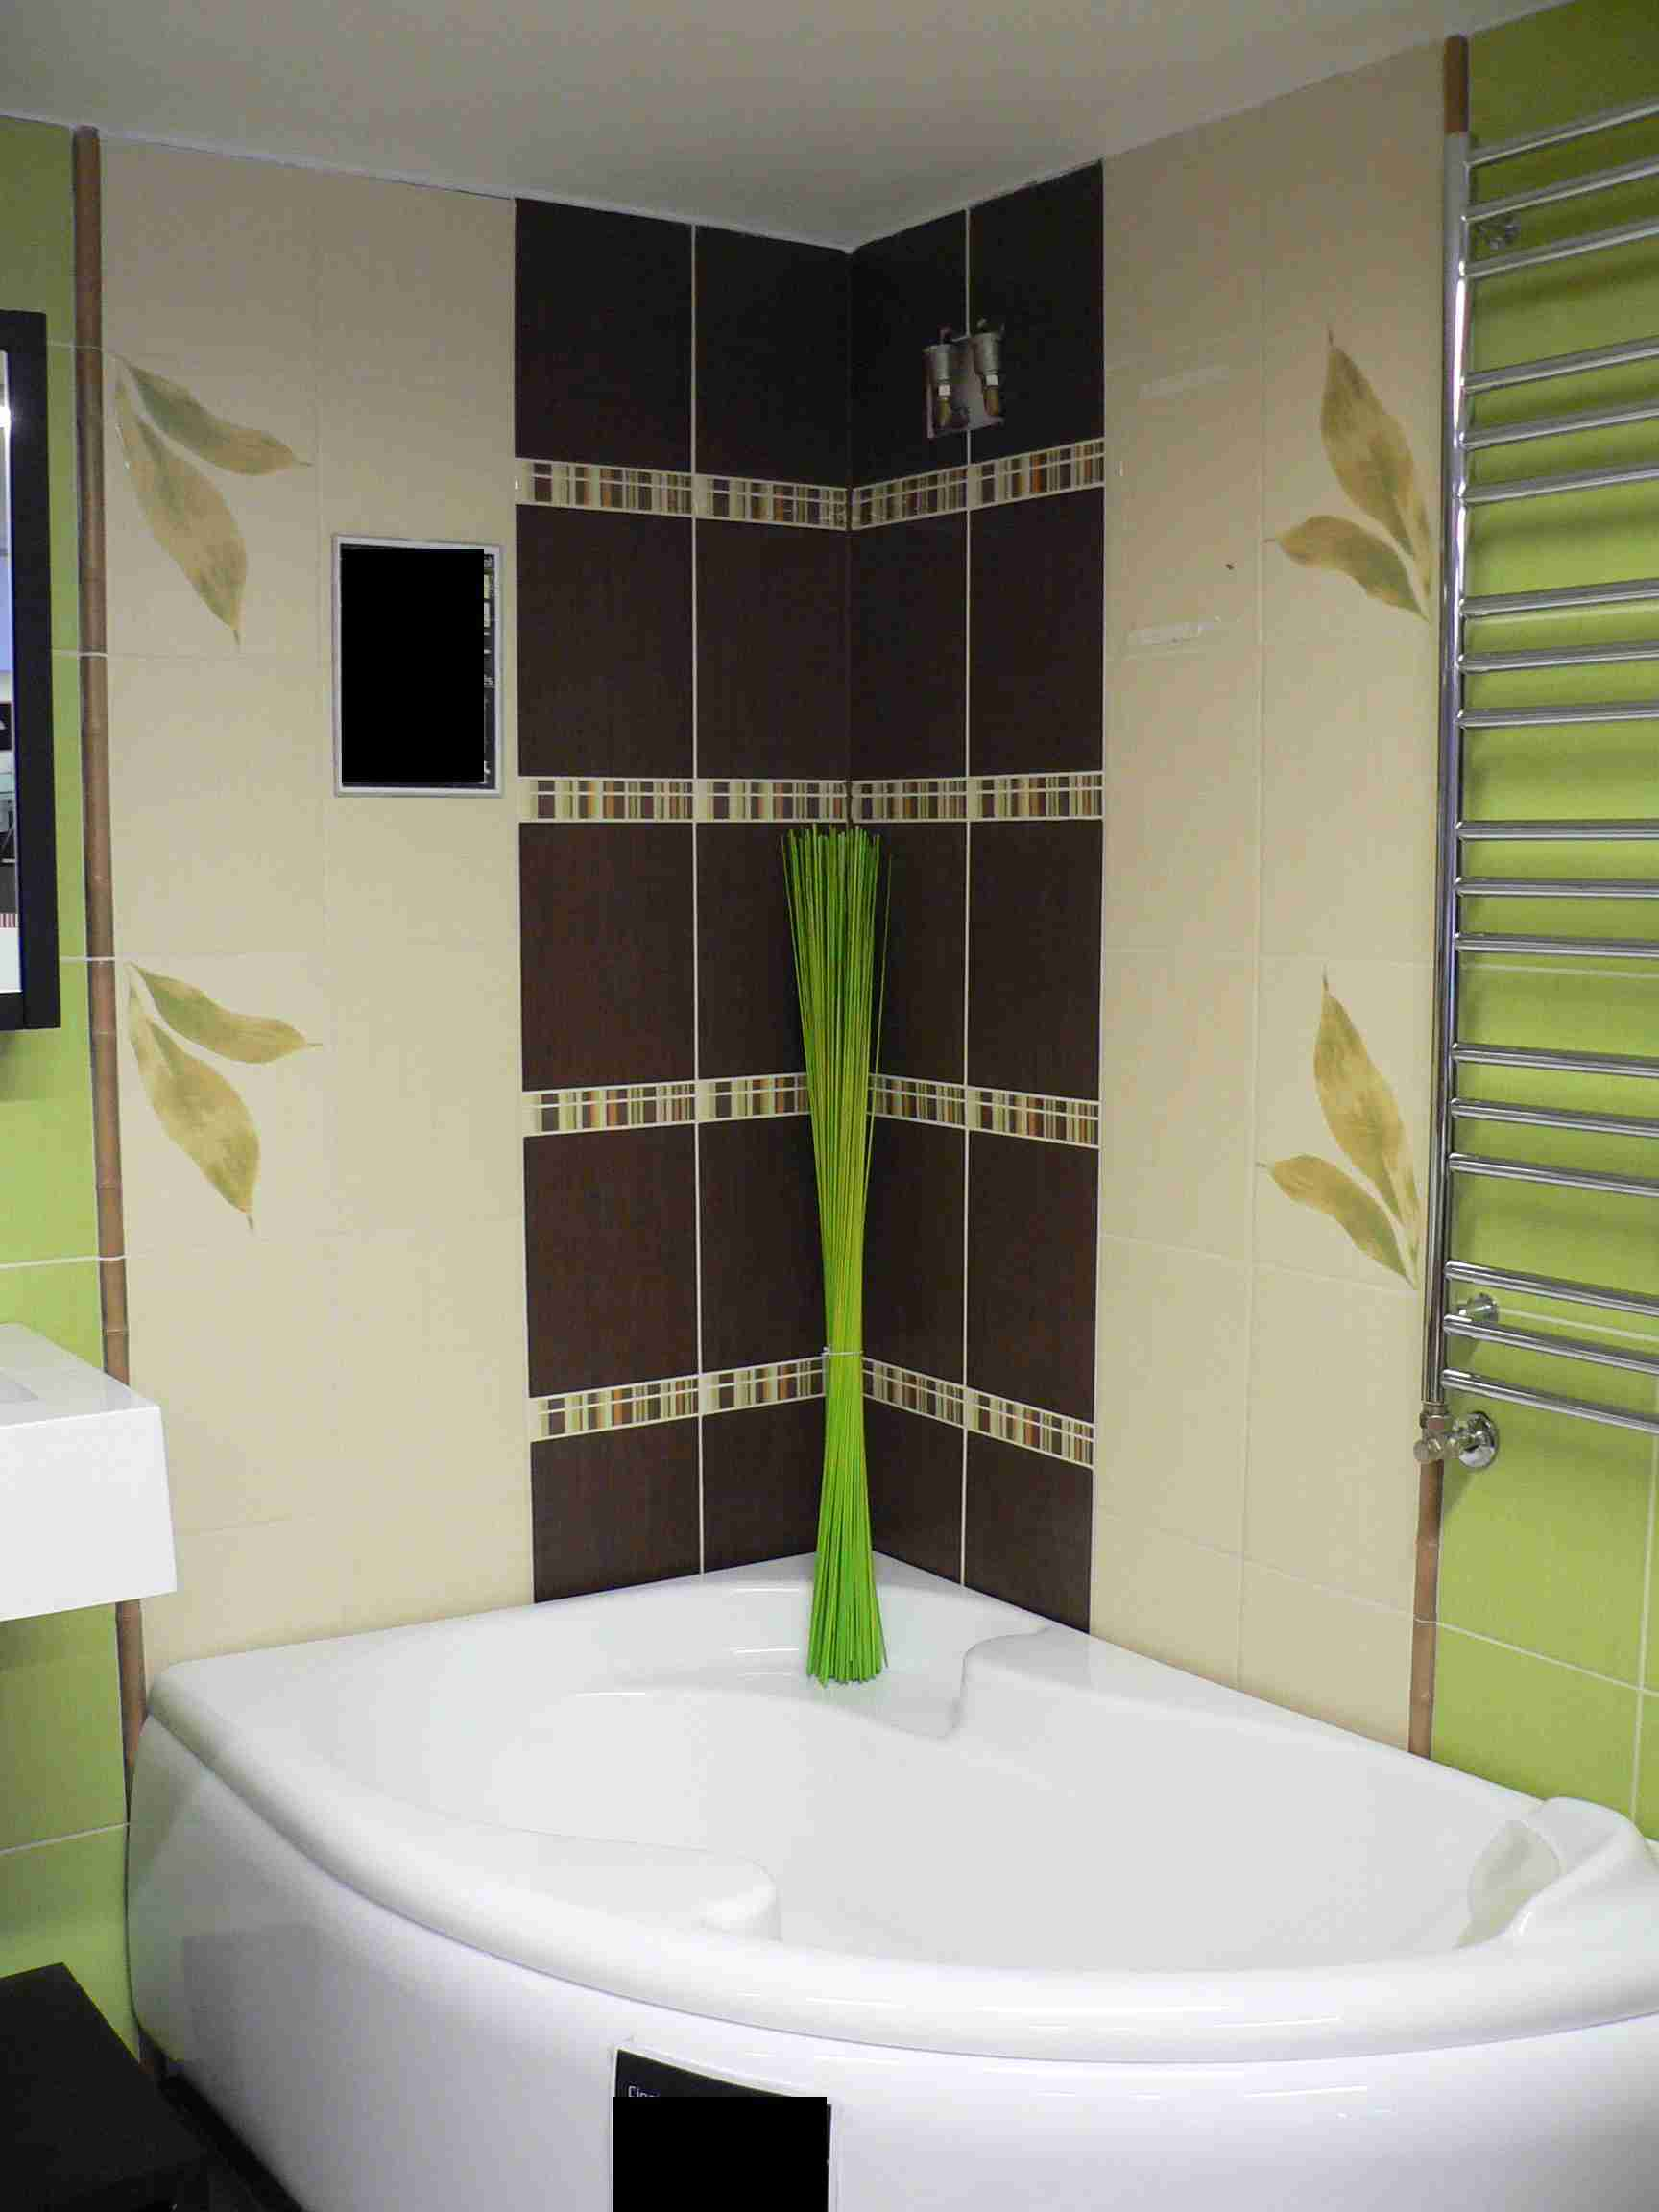 Fürdőszoba szalon mustra: elBAMBOOltam :-) - Fürdőszoba Titkok